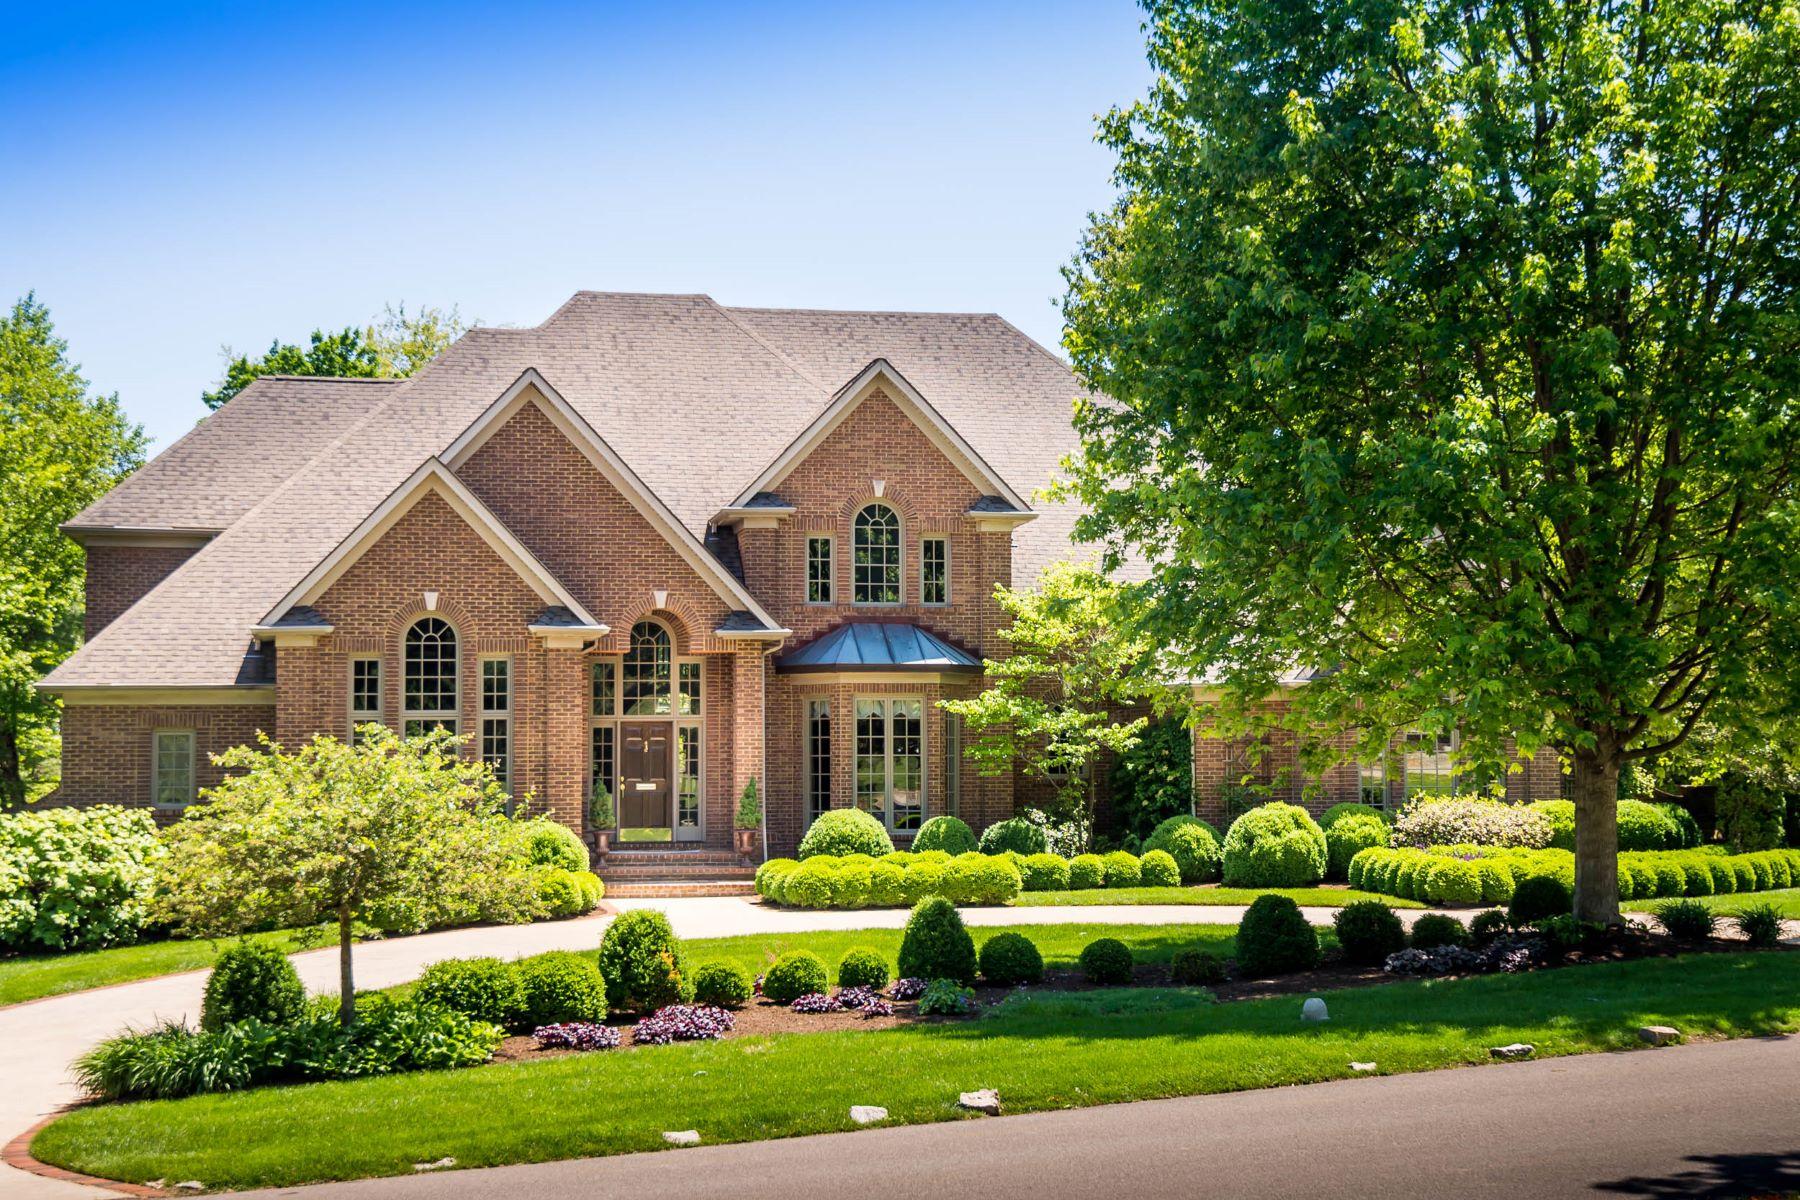 Einfamilienhaus für Verkauf beim 1841 Fielden Drive Lakewood, Lexington, Kentucky, 40502 Vereinigte Staaten